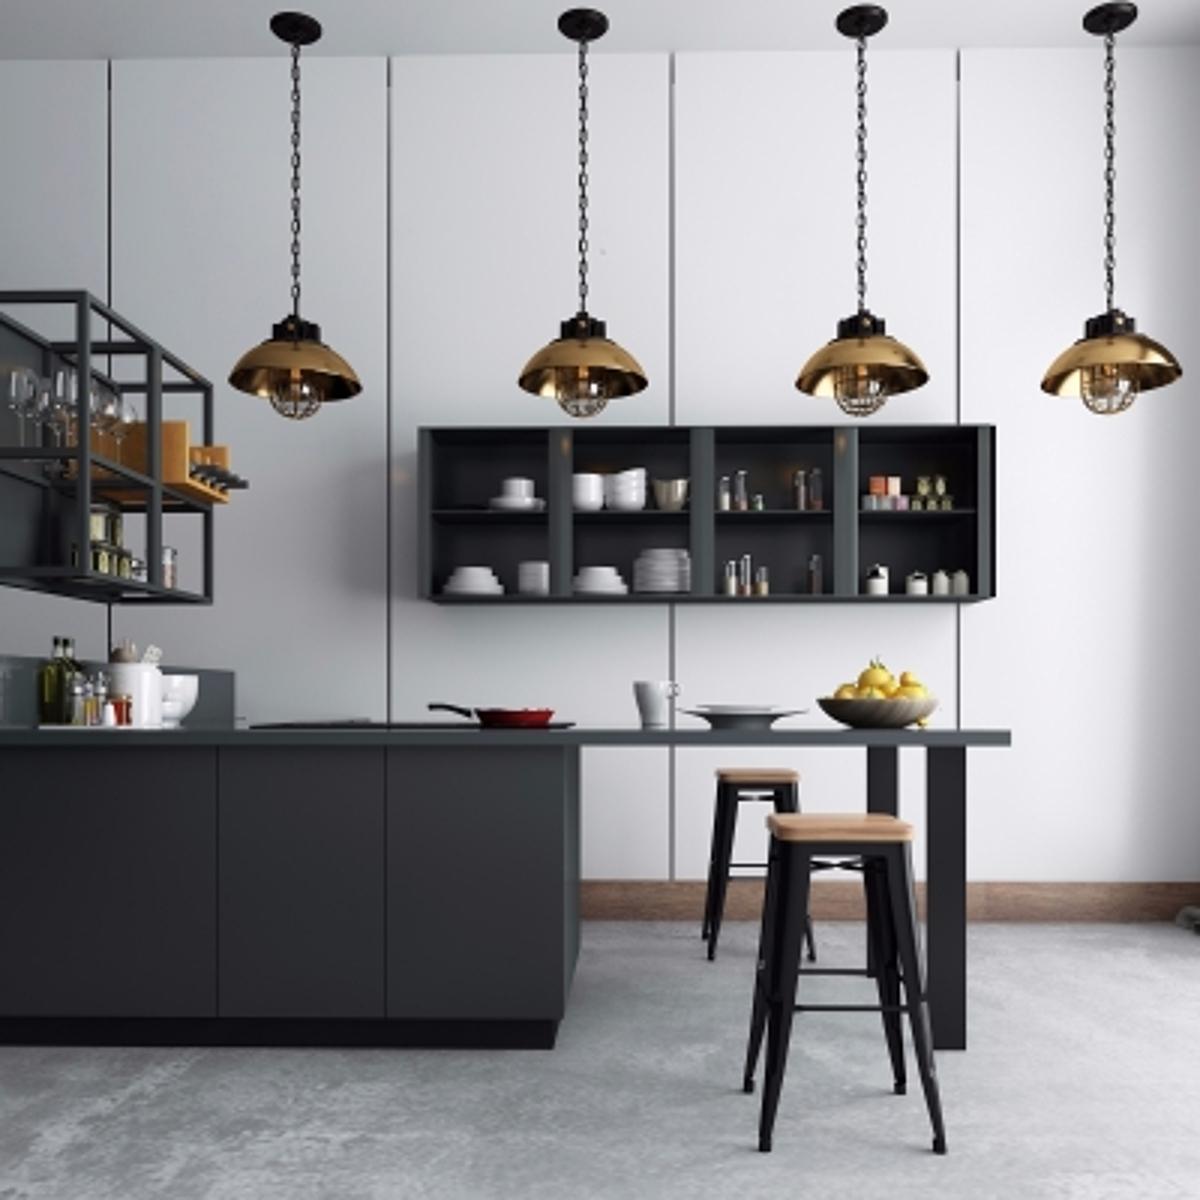 cg239现代橱柜餐具吧椅吊灯组合模型